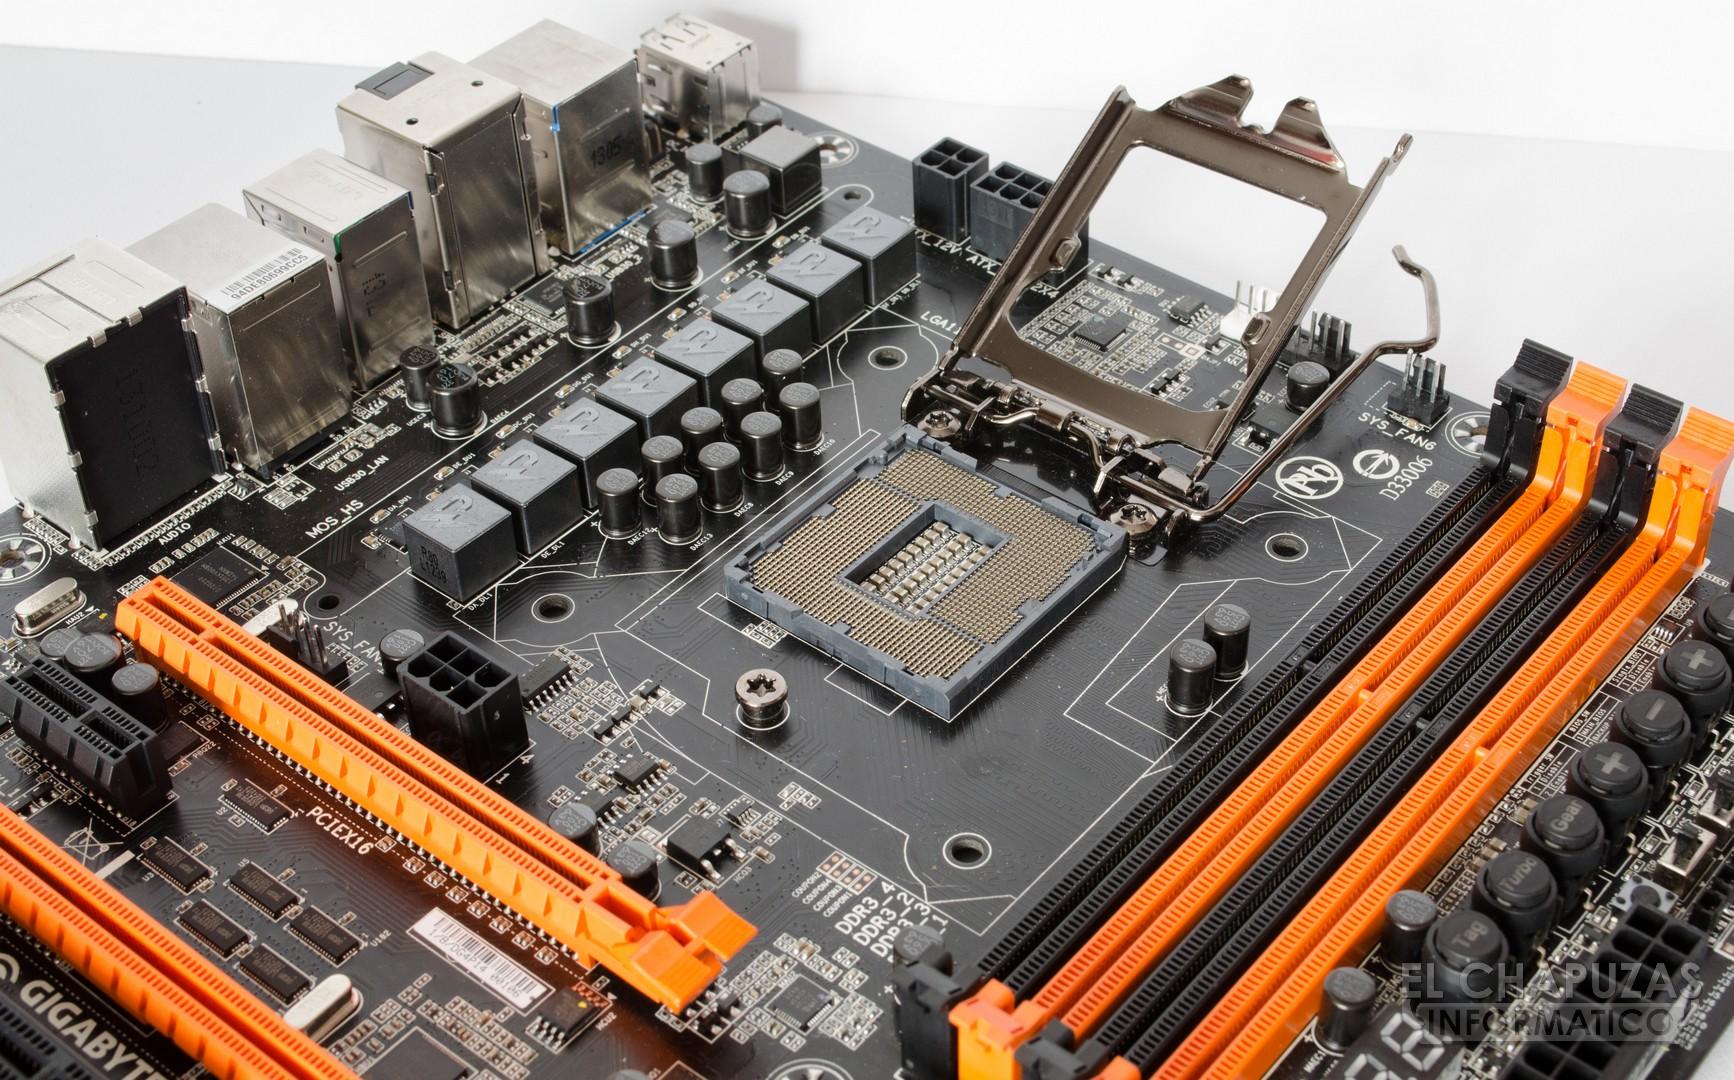 Review: Gigabyte Z87X-OC